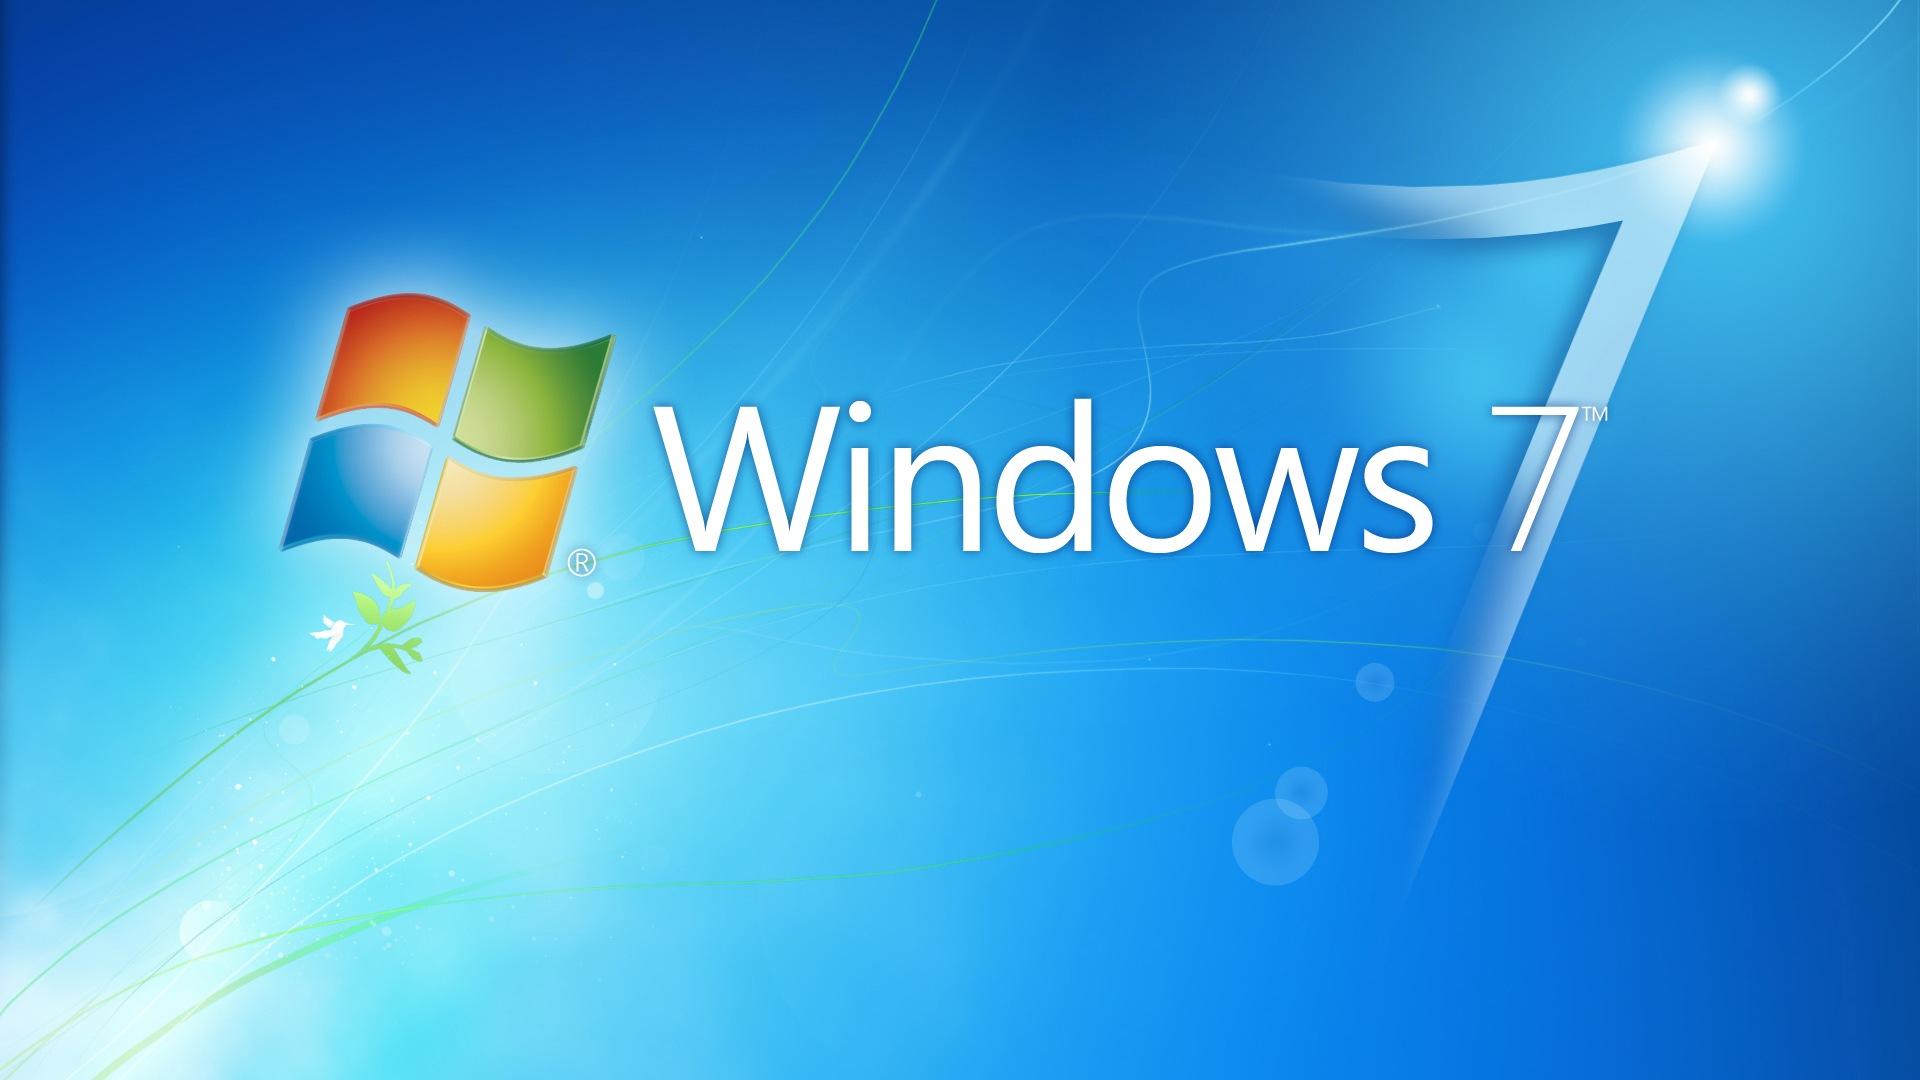 скачать образ windows 7 iso бесплатно